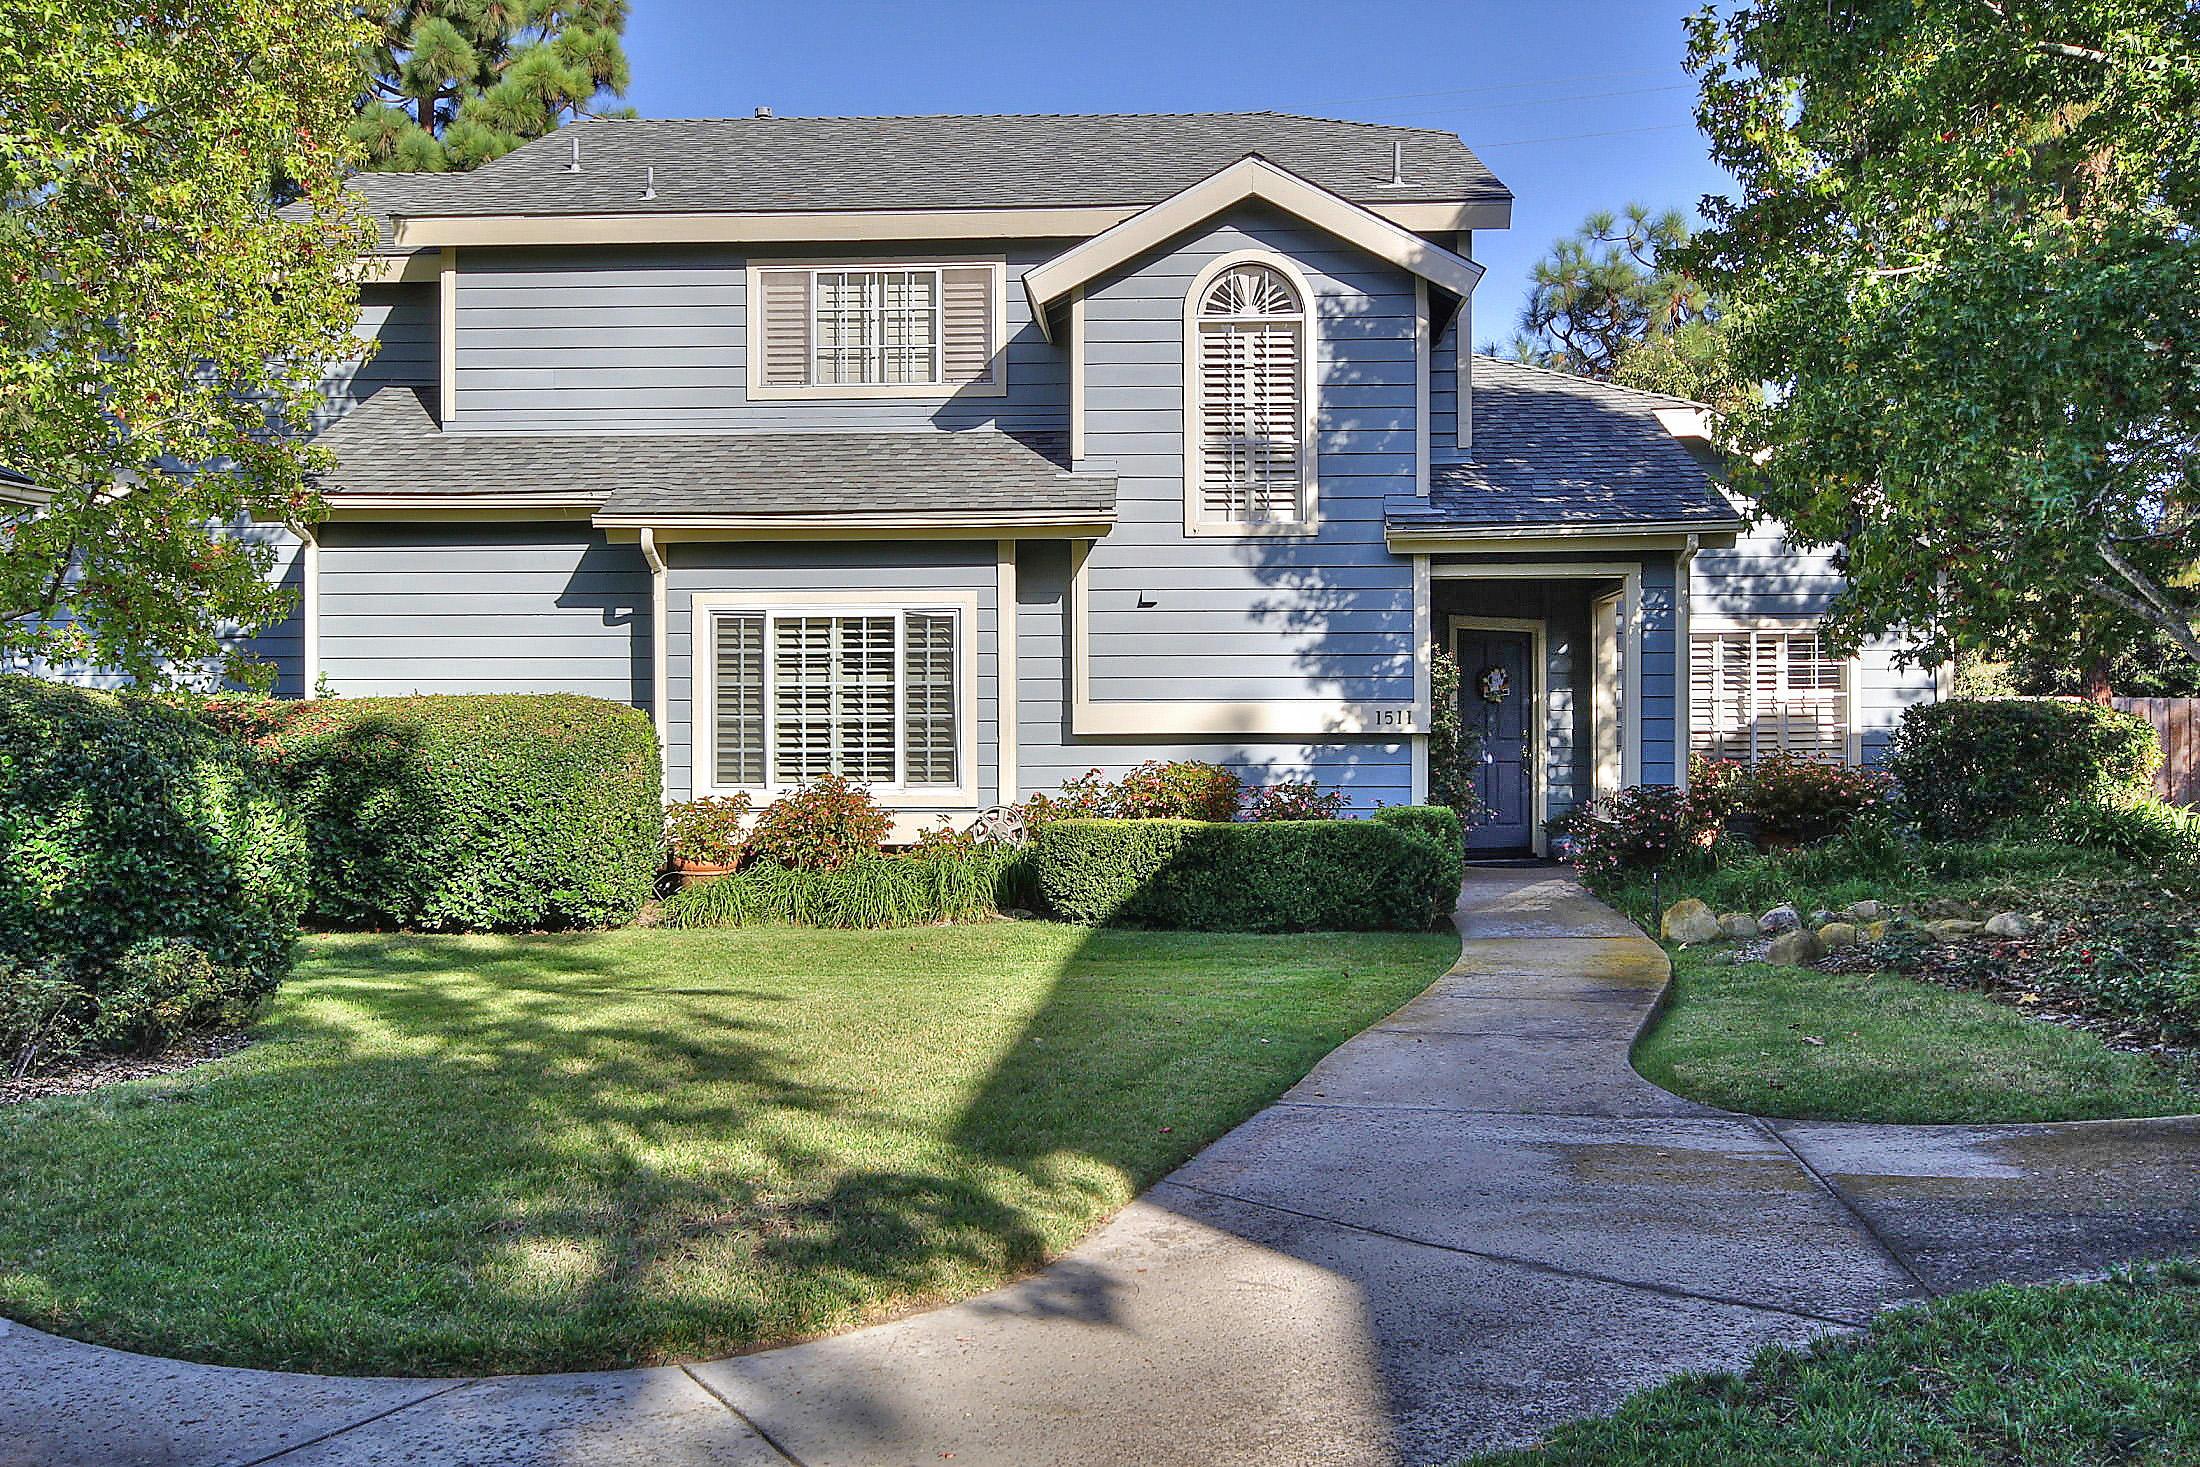 Property photo for 1511 Meadow Cir Carpinteria, California 93013 - 15-3181